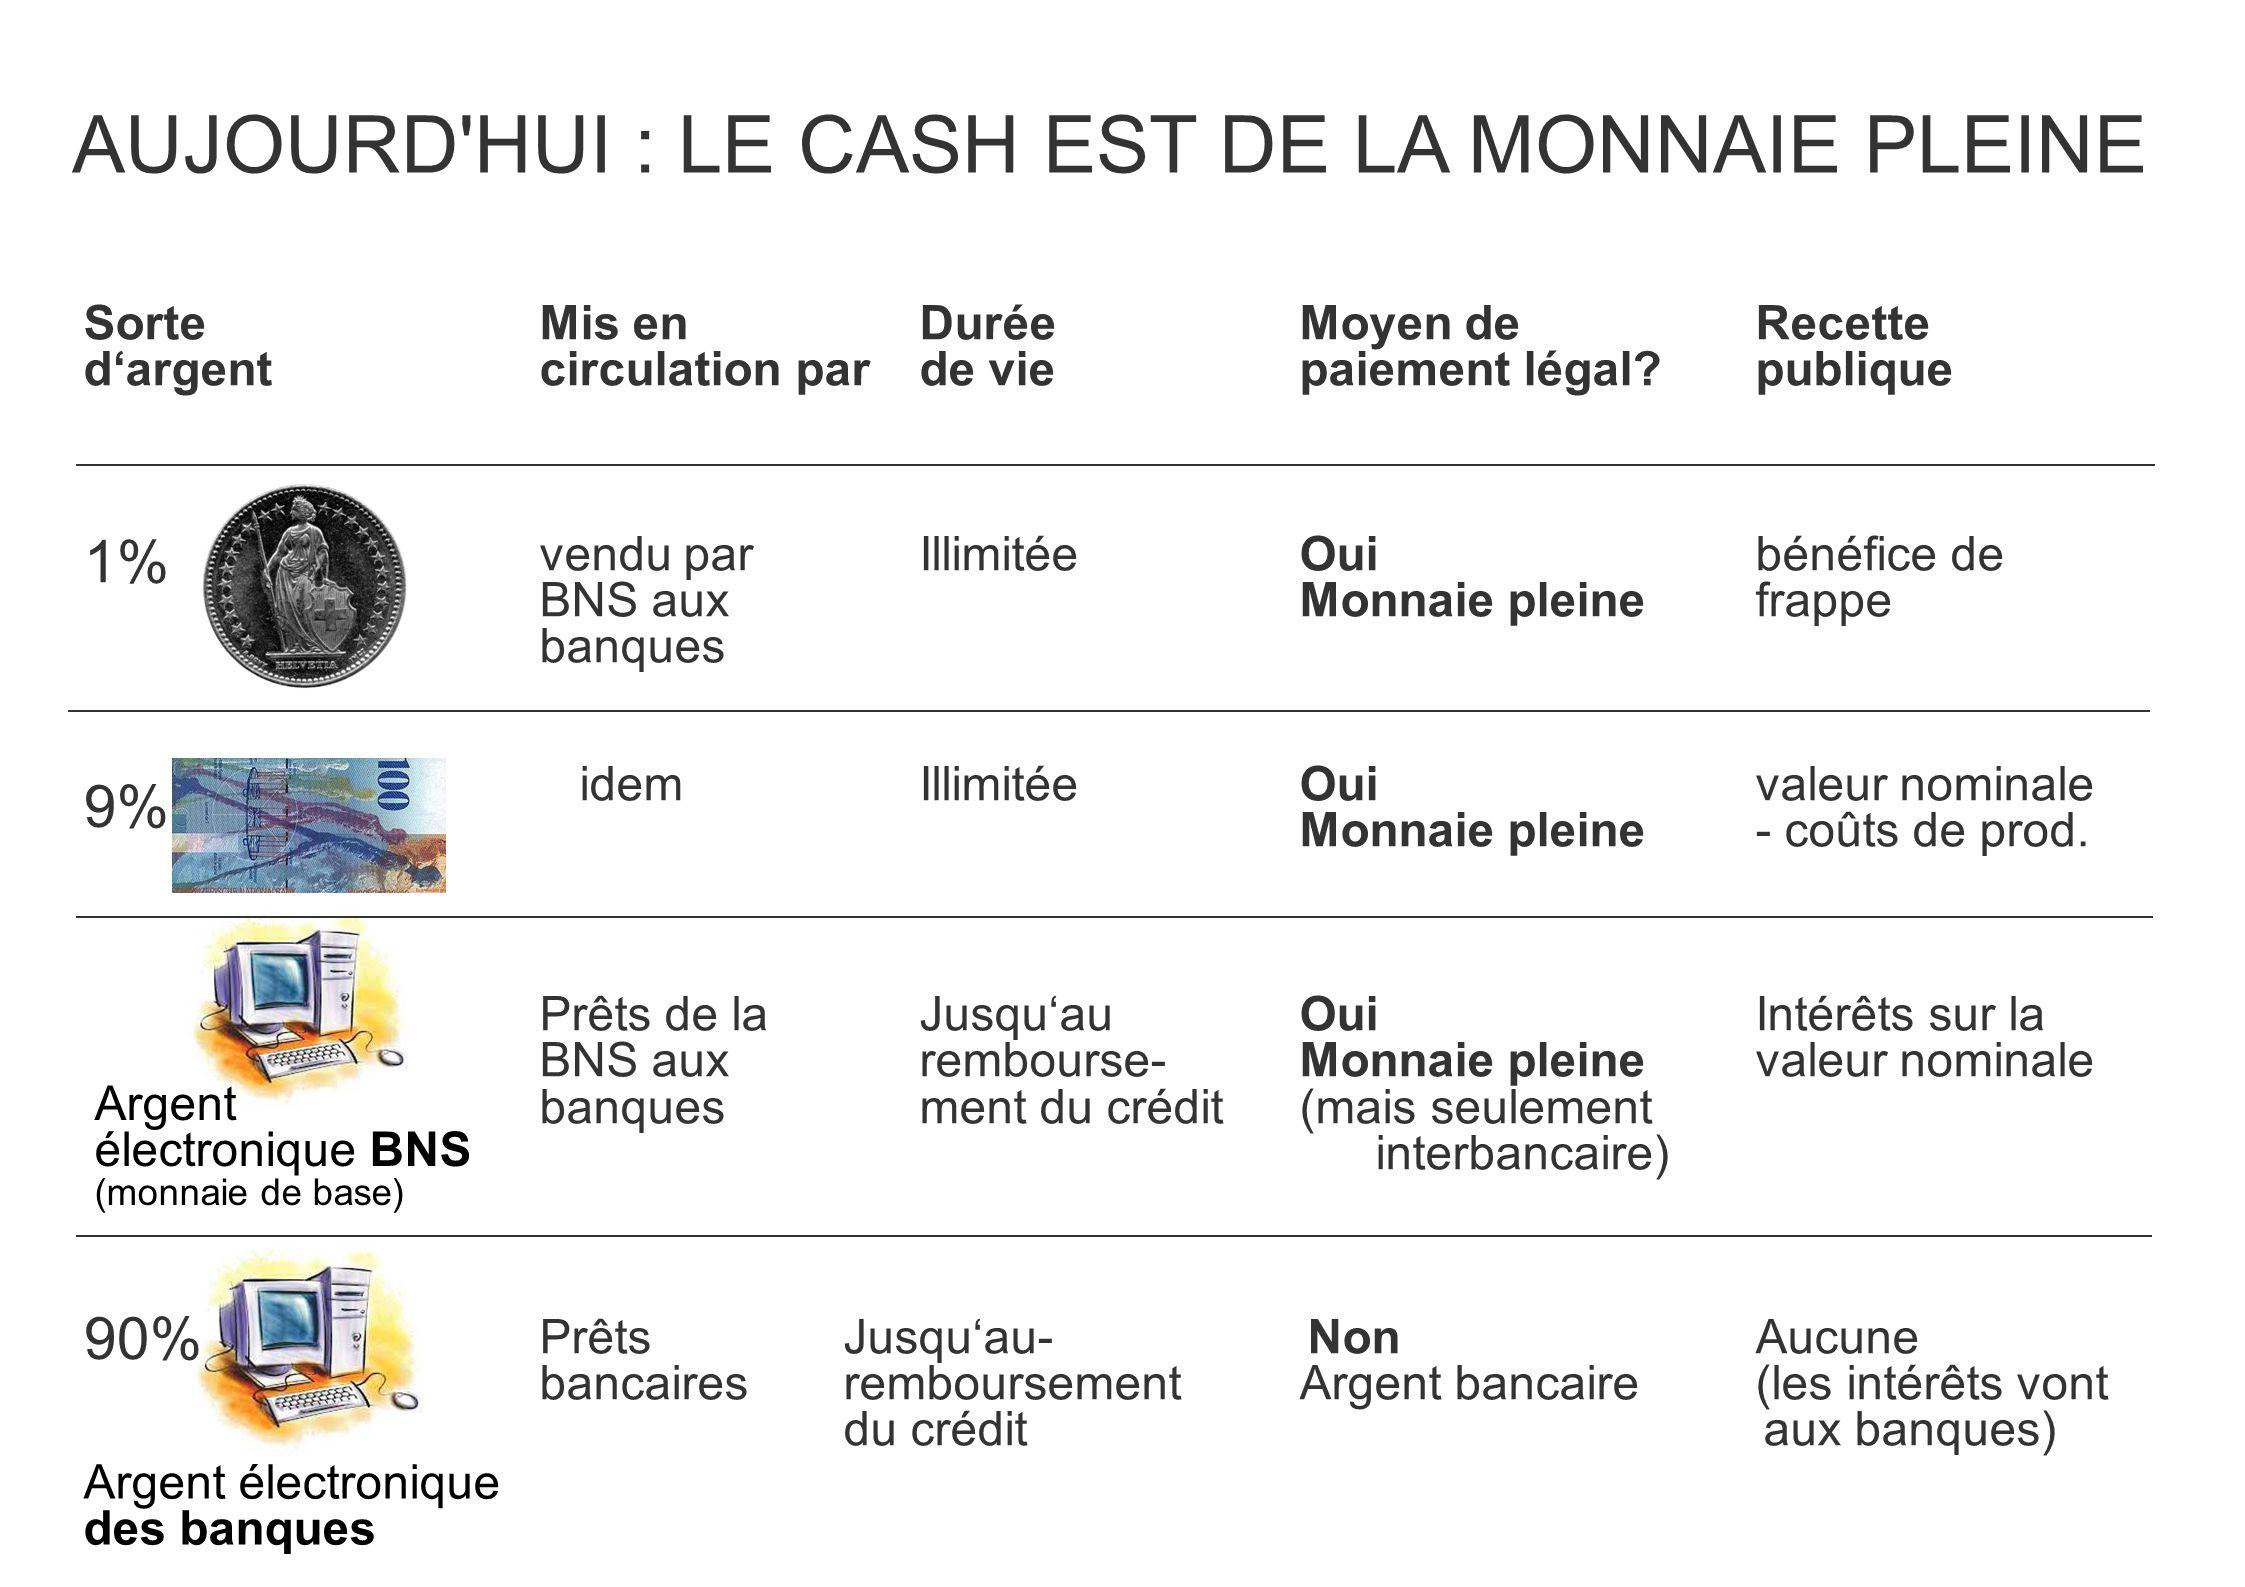 AUJOURD HUI : LE CASH EST DE LA MONNAIE PLEINE